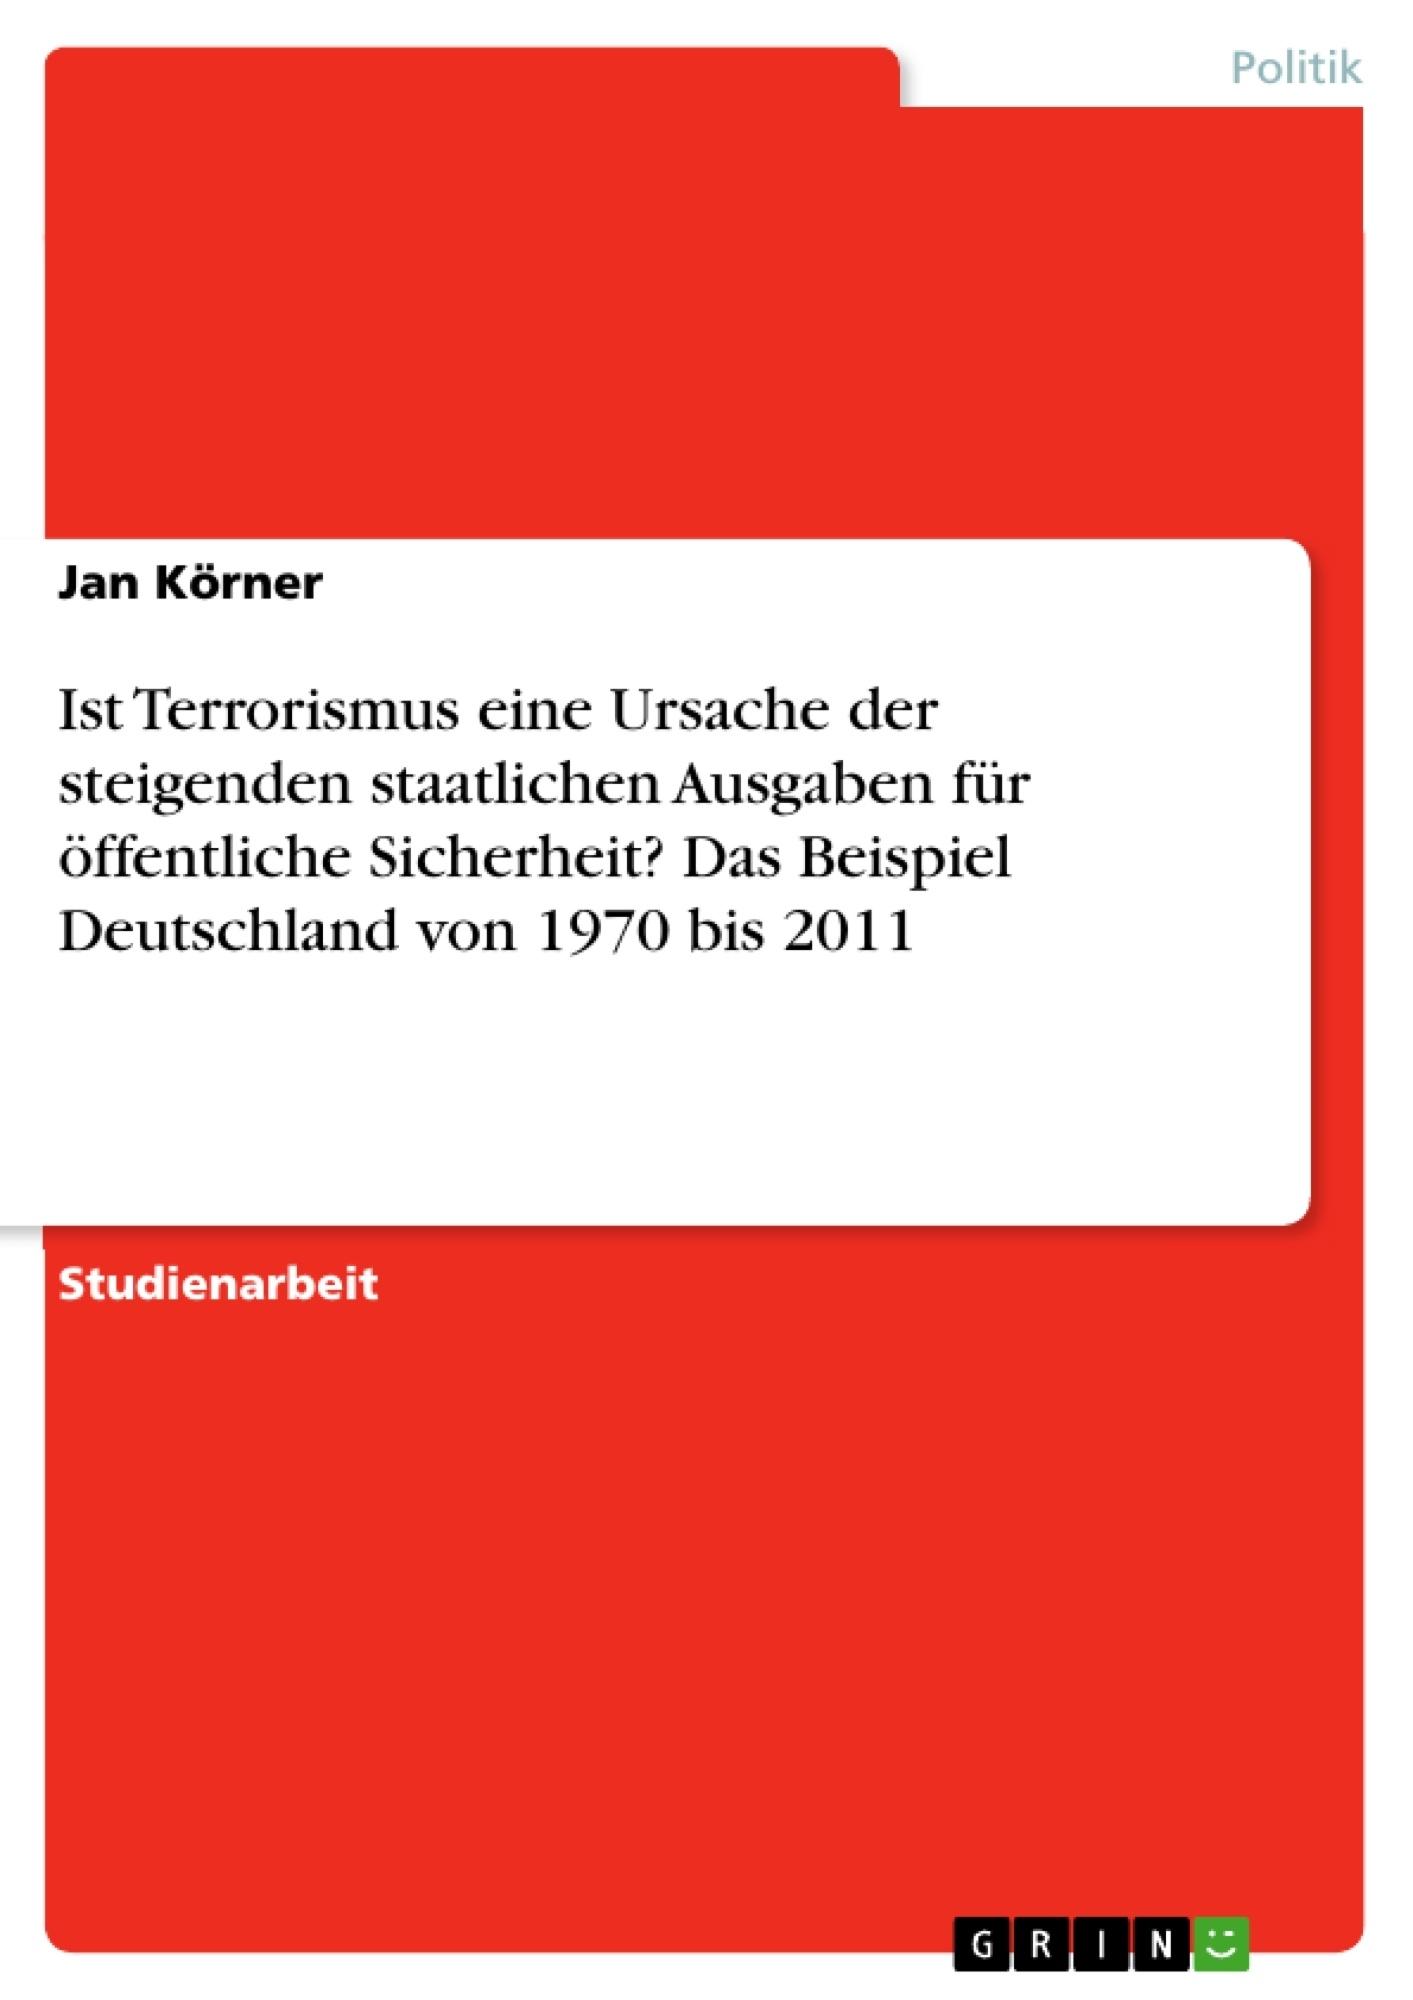 Titel: Ist Terrorismus eine Ursache der steigenden staatlichen Ausgaben für öffentliche Sicherheit? Das Beispiel Deutschland von 1970 bis 2011